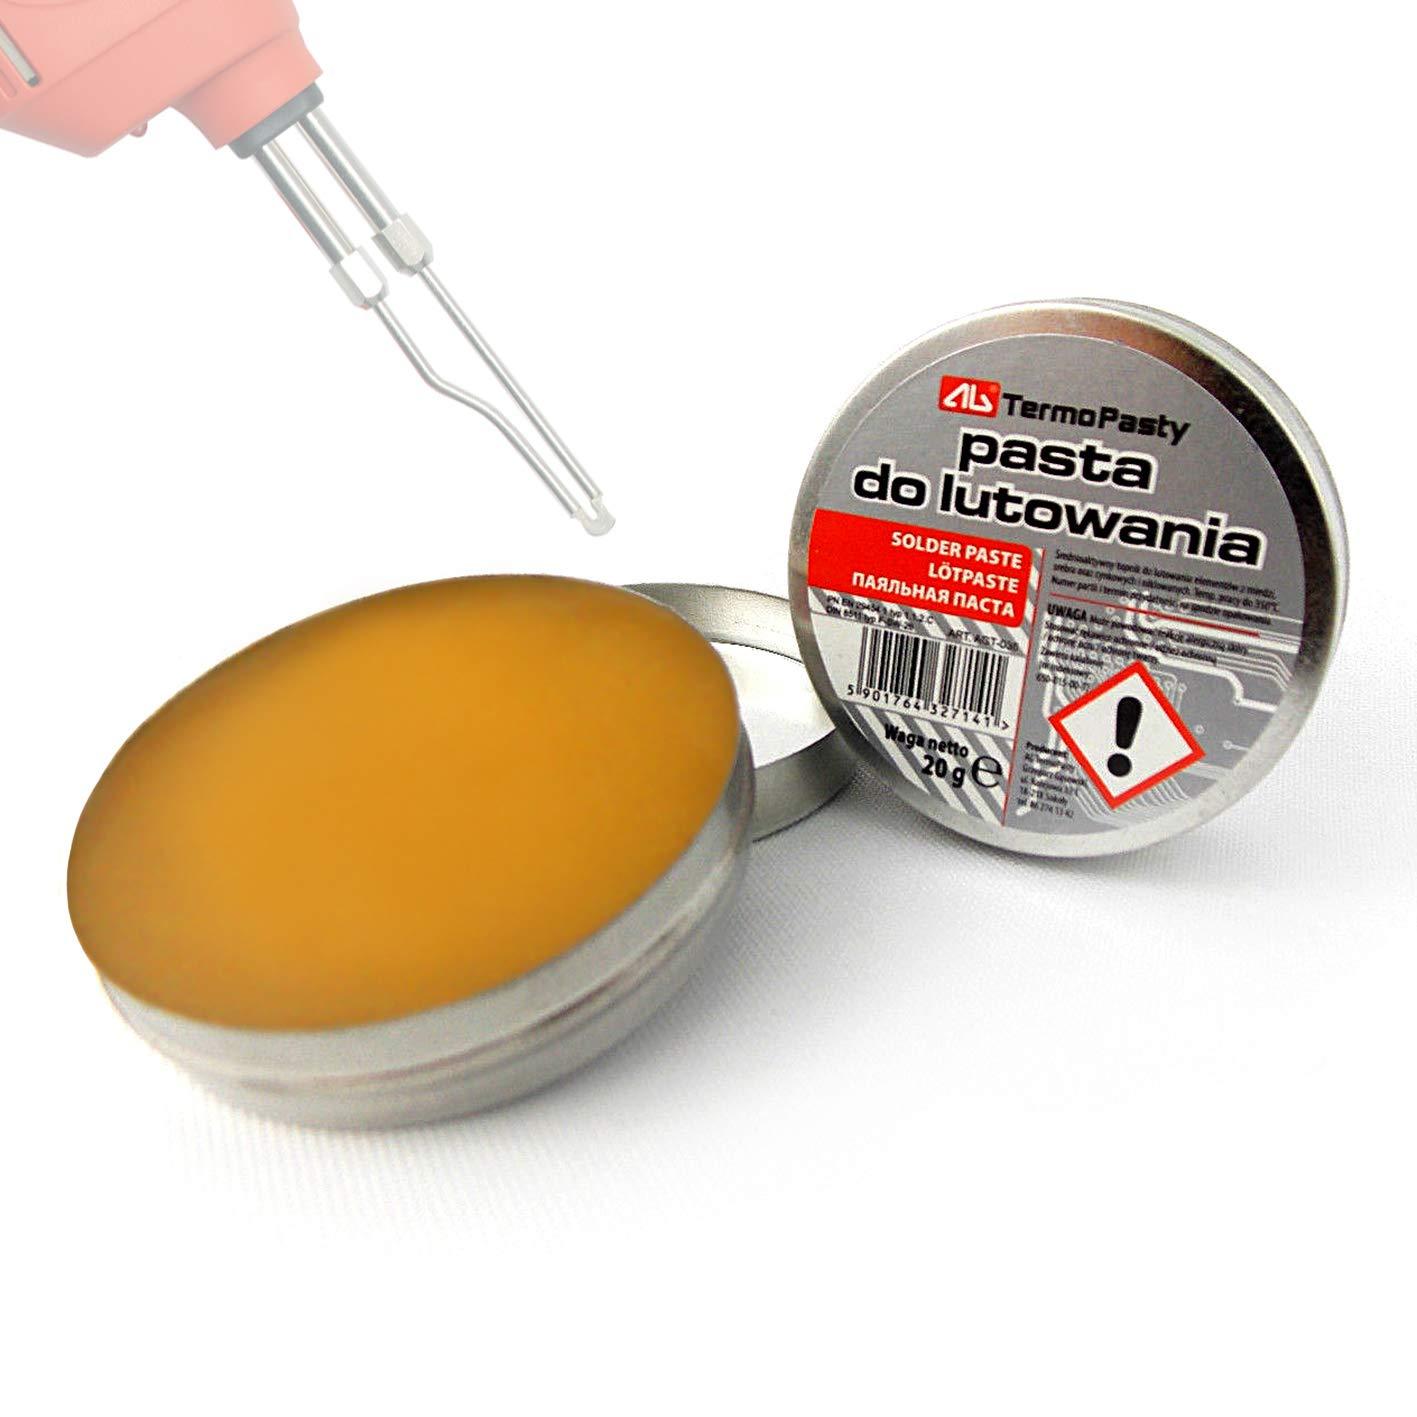 New Flux pasta de soldadura en la 20 G lata para Electronics SMD Fontanerí a DIY etc. TermoPasty